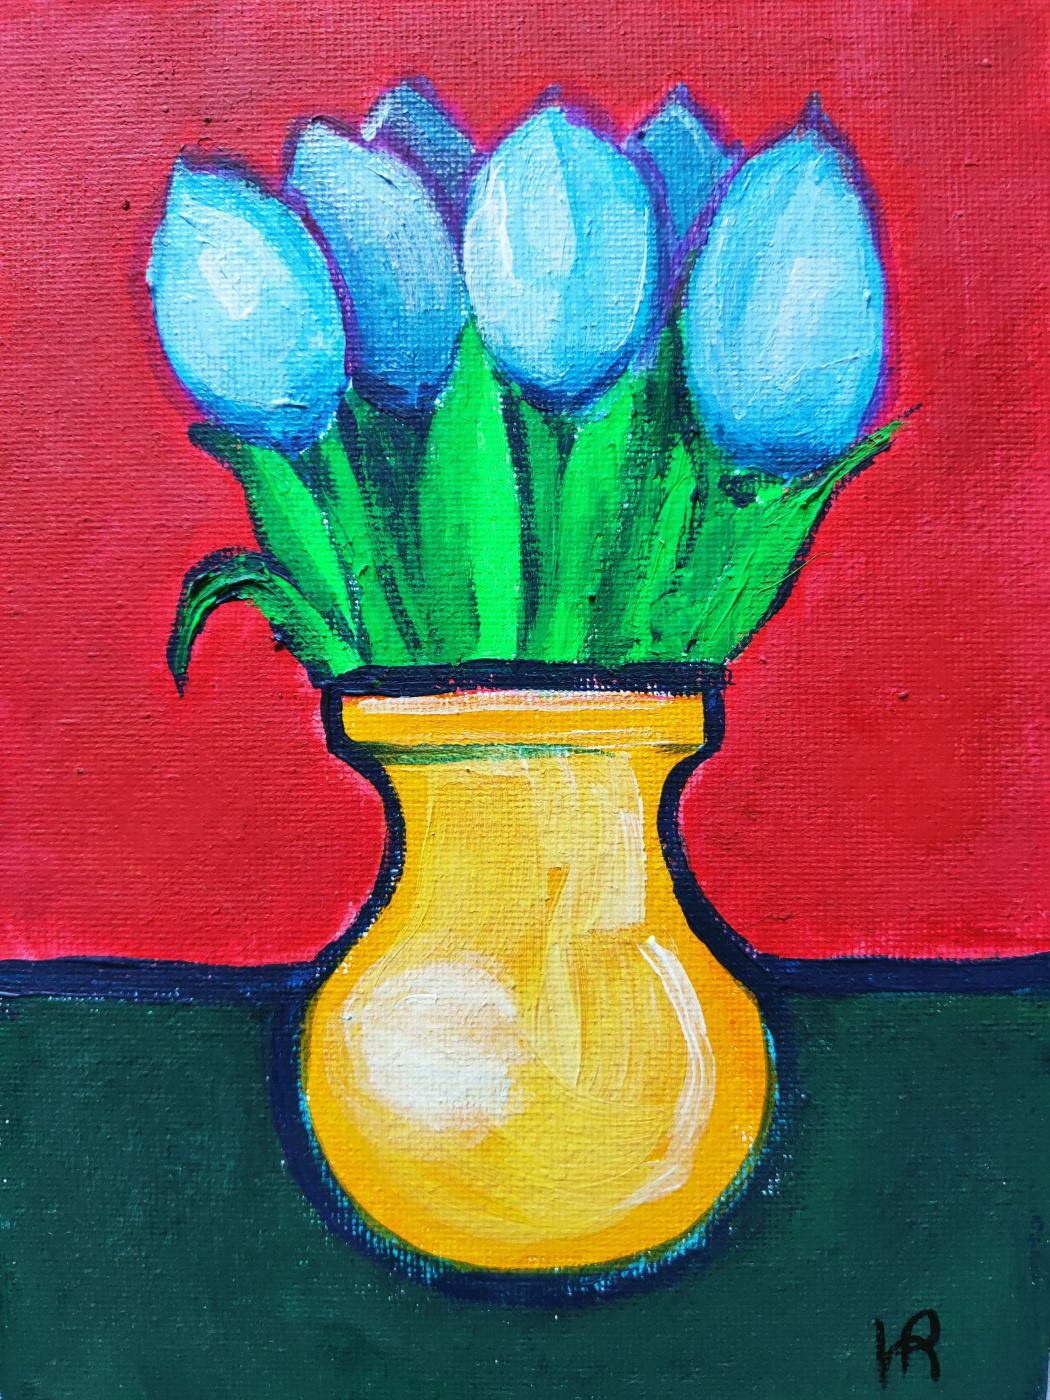 Ирина Викторовна Иванова. Blue tulips